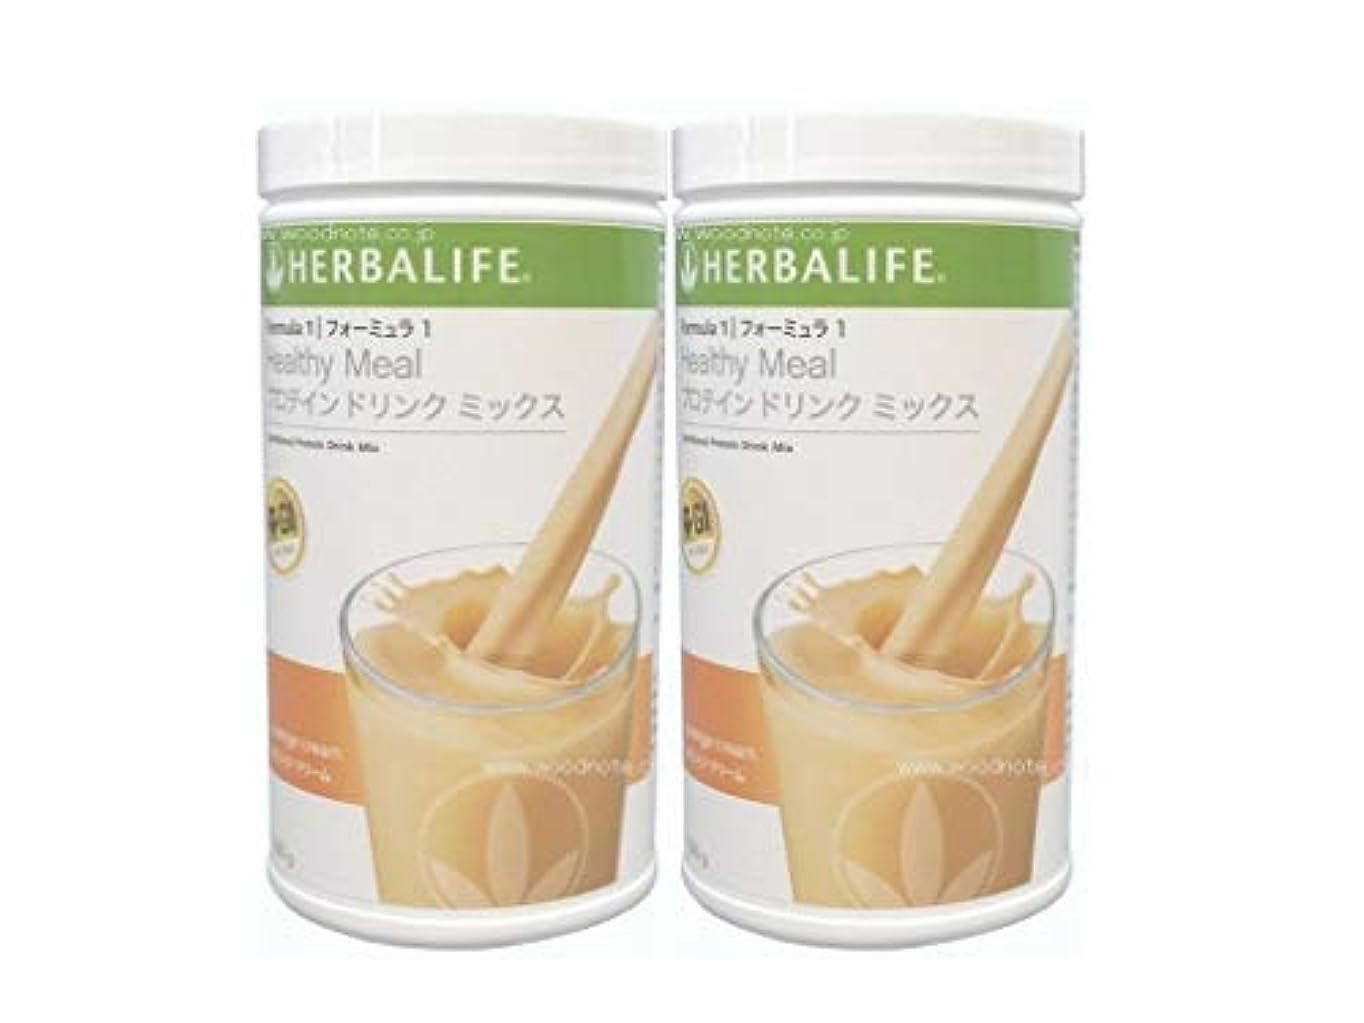 ギャザー溶接健康ハーバライフ フォーミュラ1プロテインドリンクミックス- オレンジクリーム味 2本セット